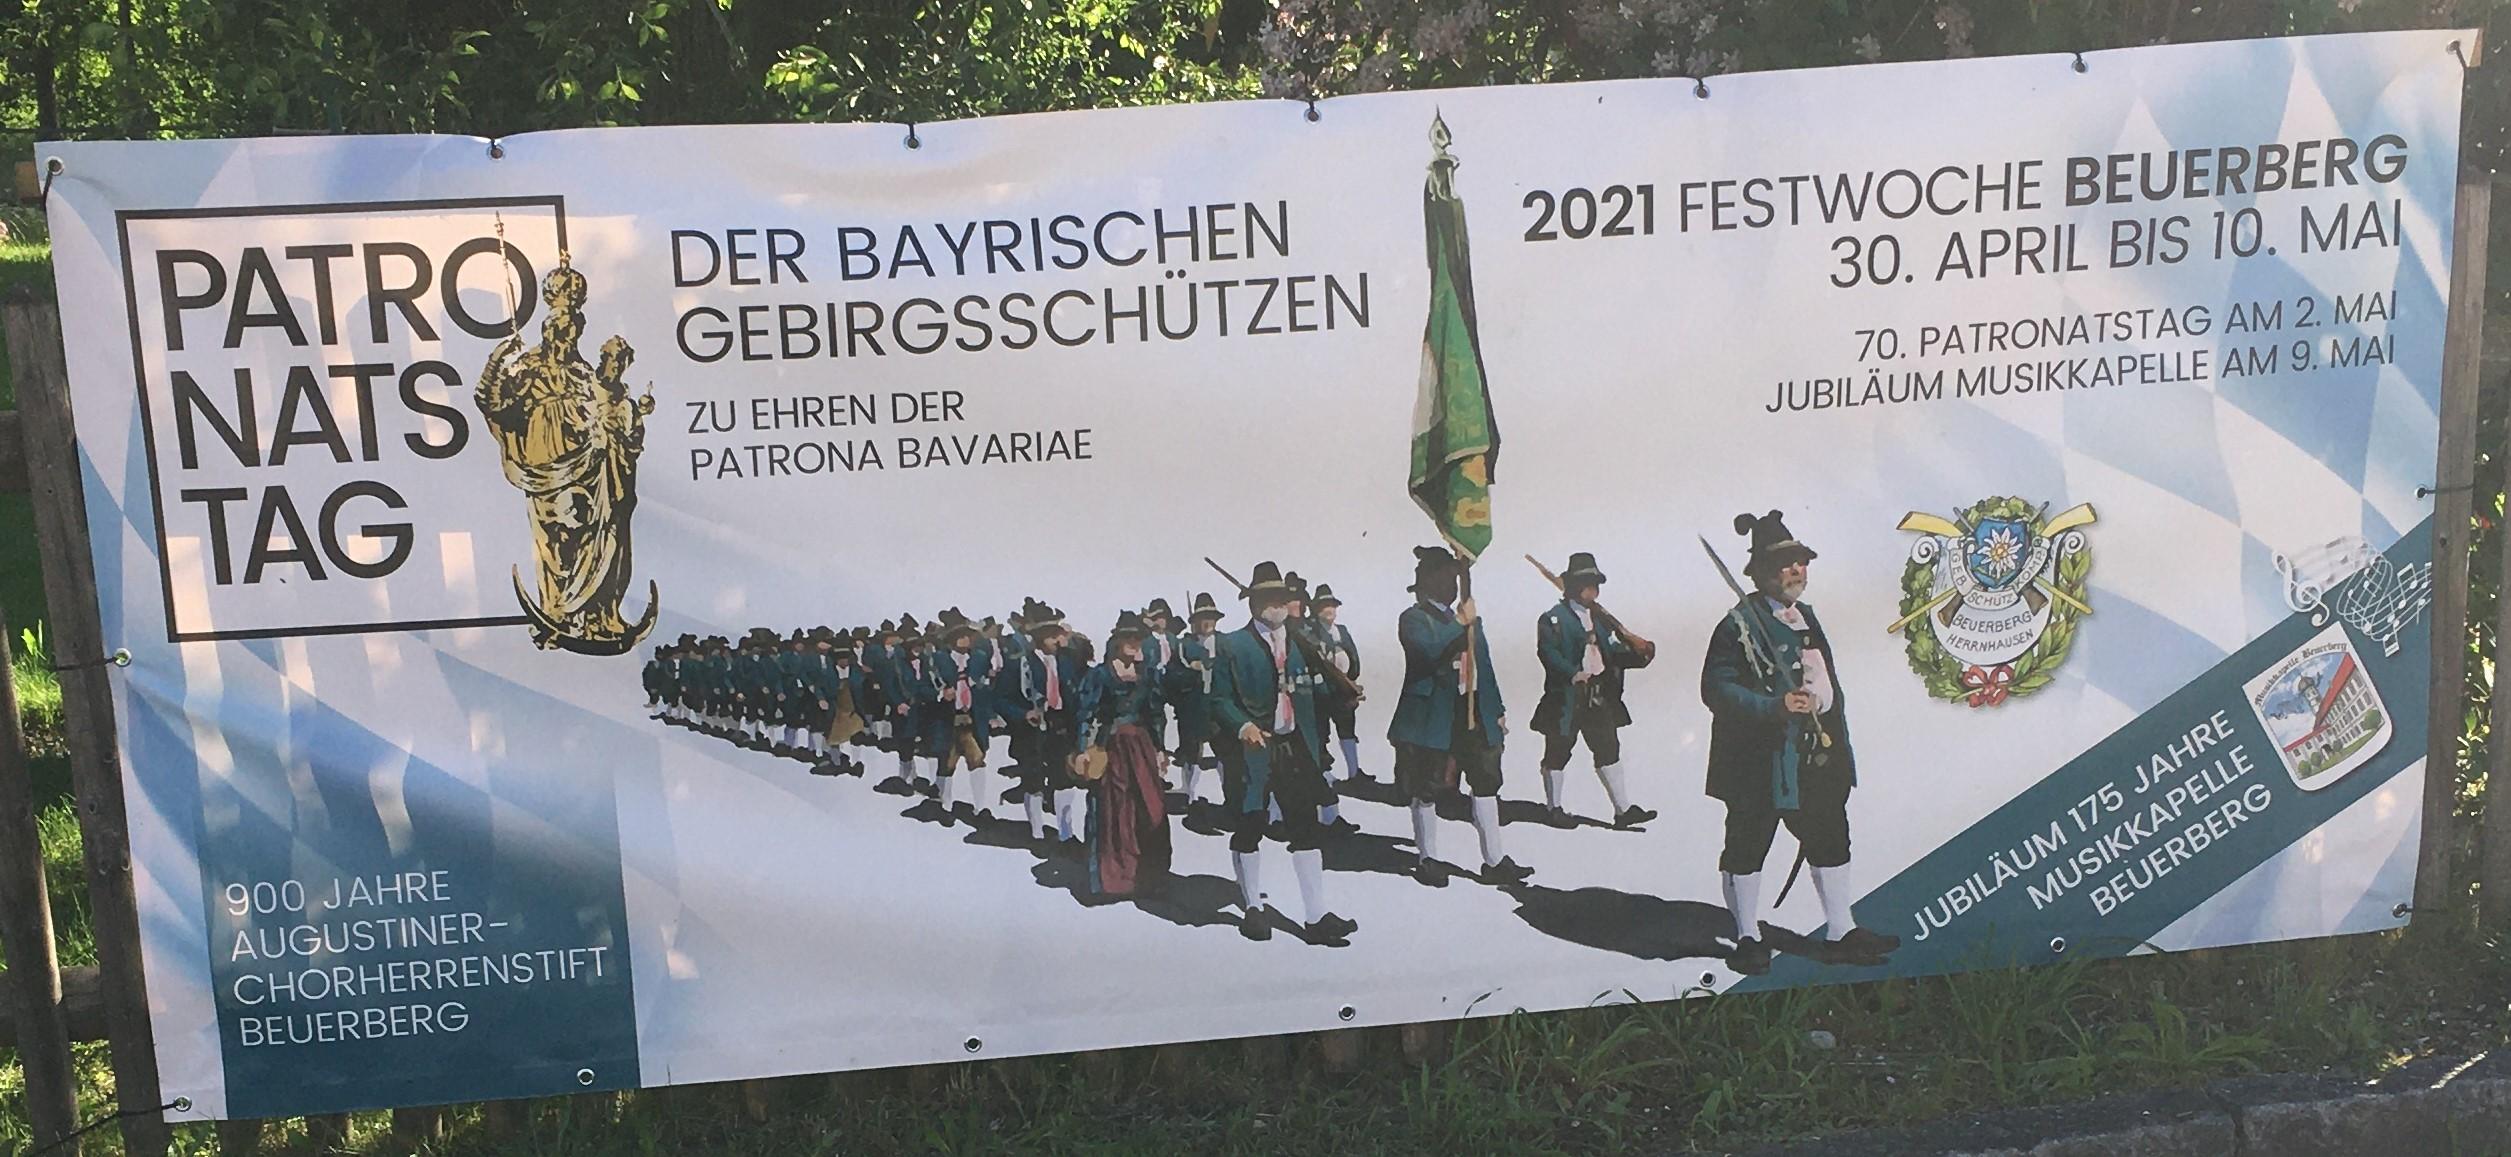 Patronatstag Beuerberg 2021